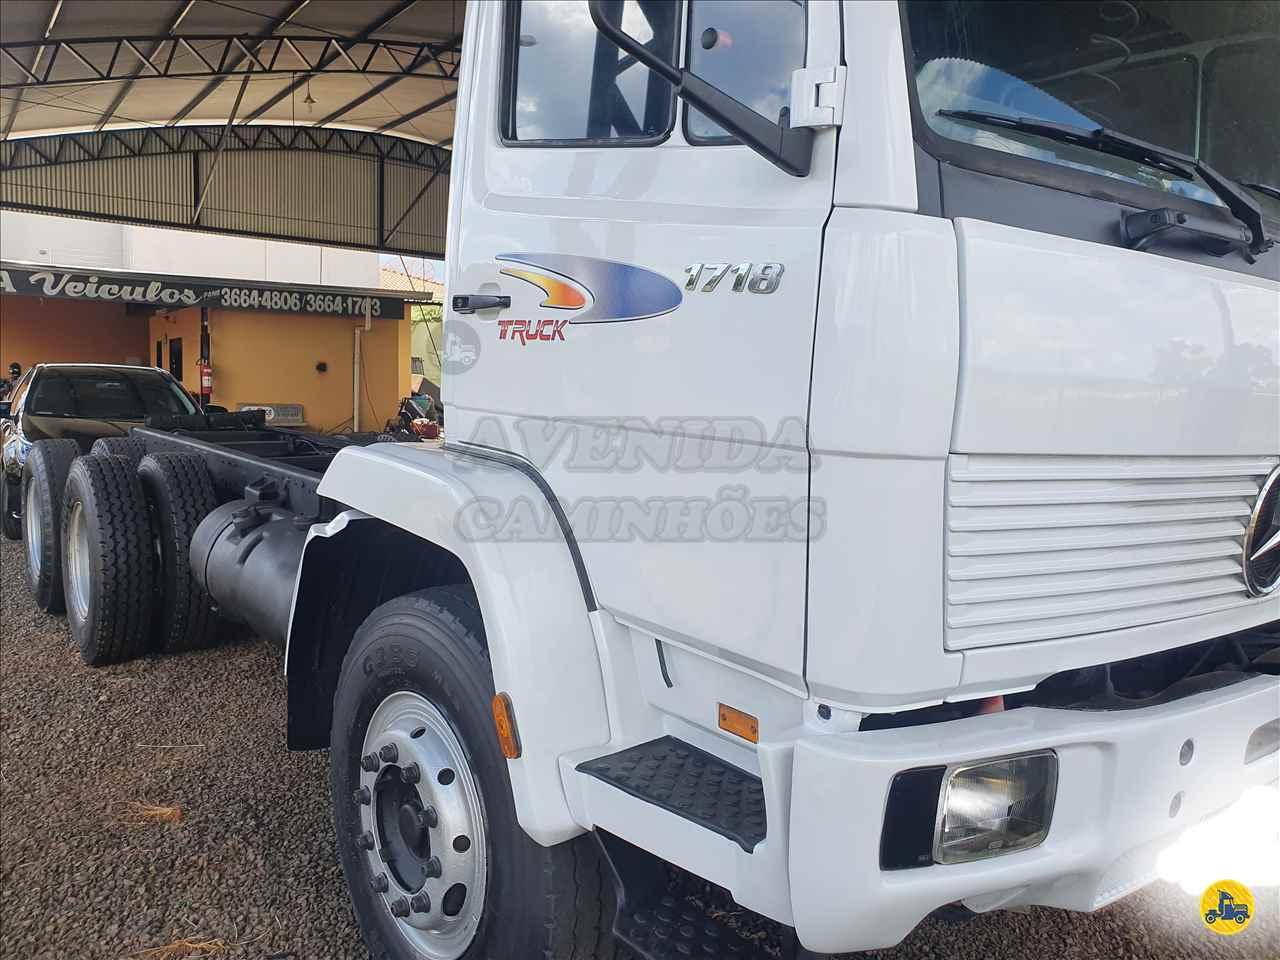 CAMINHAO MERCEDES-BENZ MB 1718 Chassis Truck 6x2 Avenida Caminhões BRODOWSKI SÃO PAULO SP